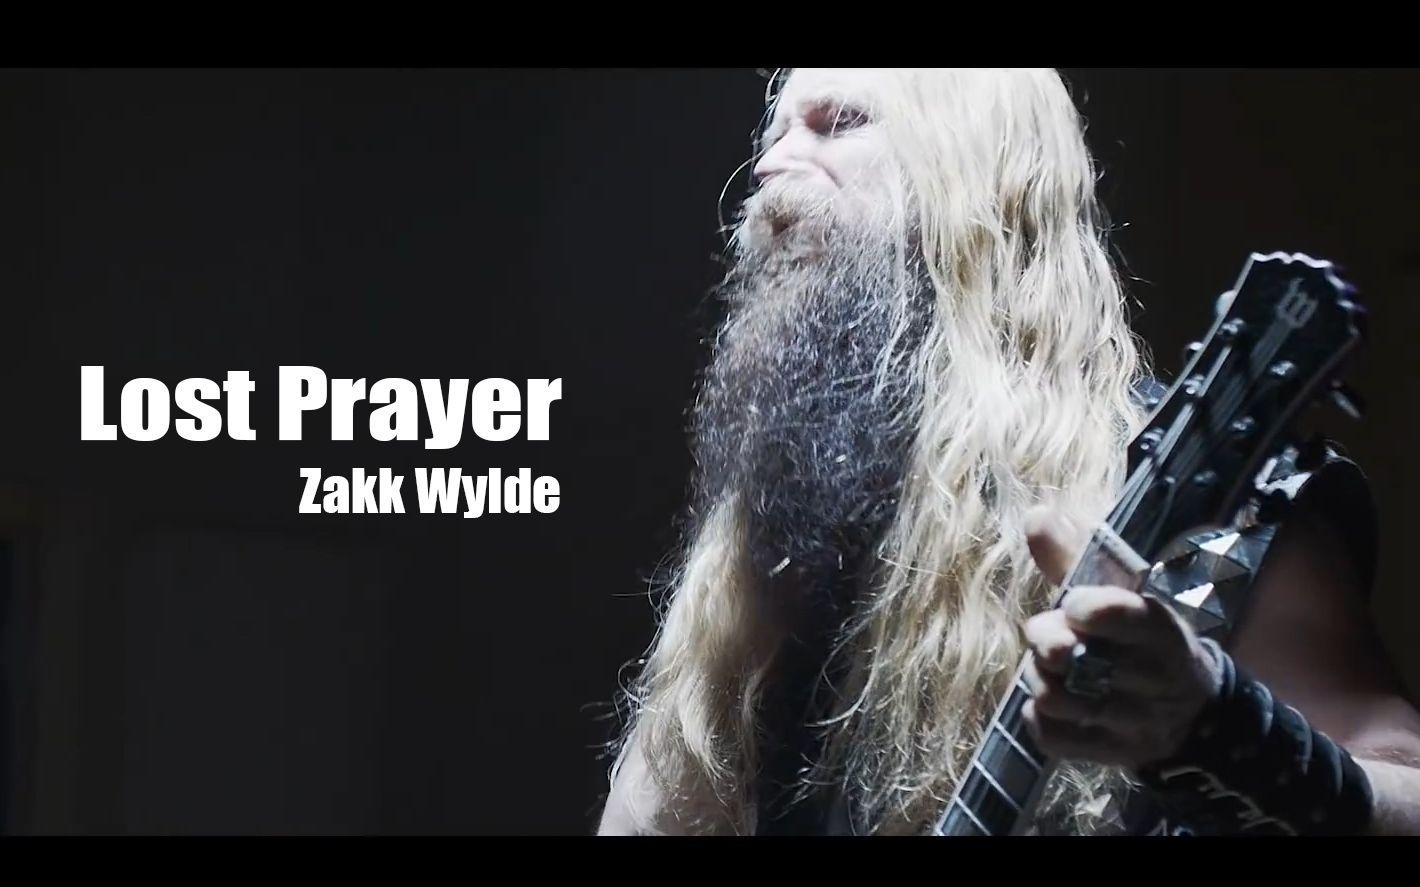 【中字/高清】zakk wylde - lost prayer 毒曲/zakk独特的声线